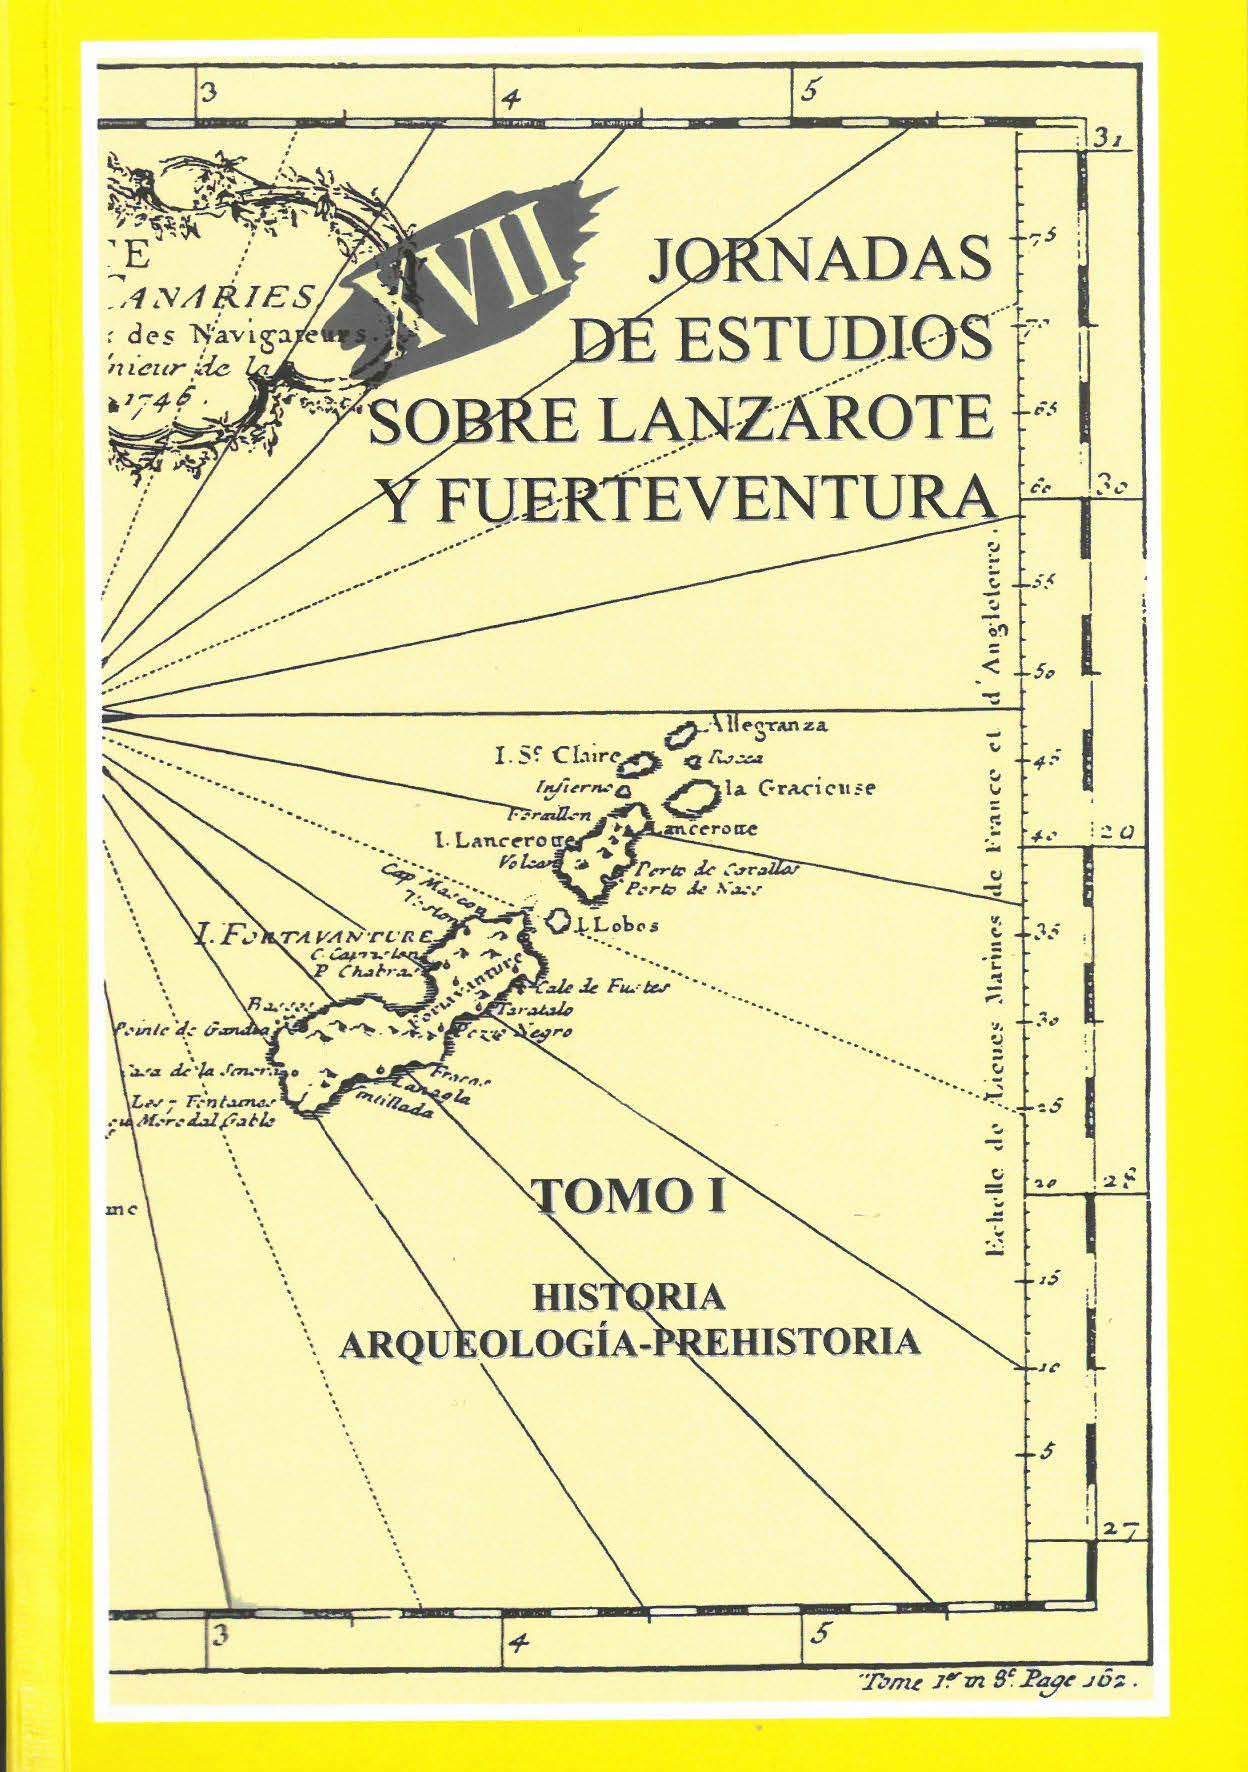 El menaje doméstico en Lanzarote durante el seiscientos: el caso de la cerámica